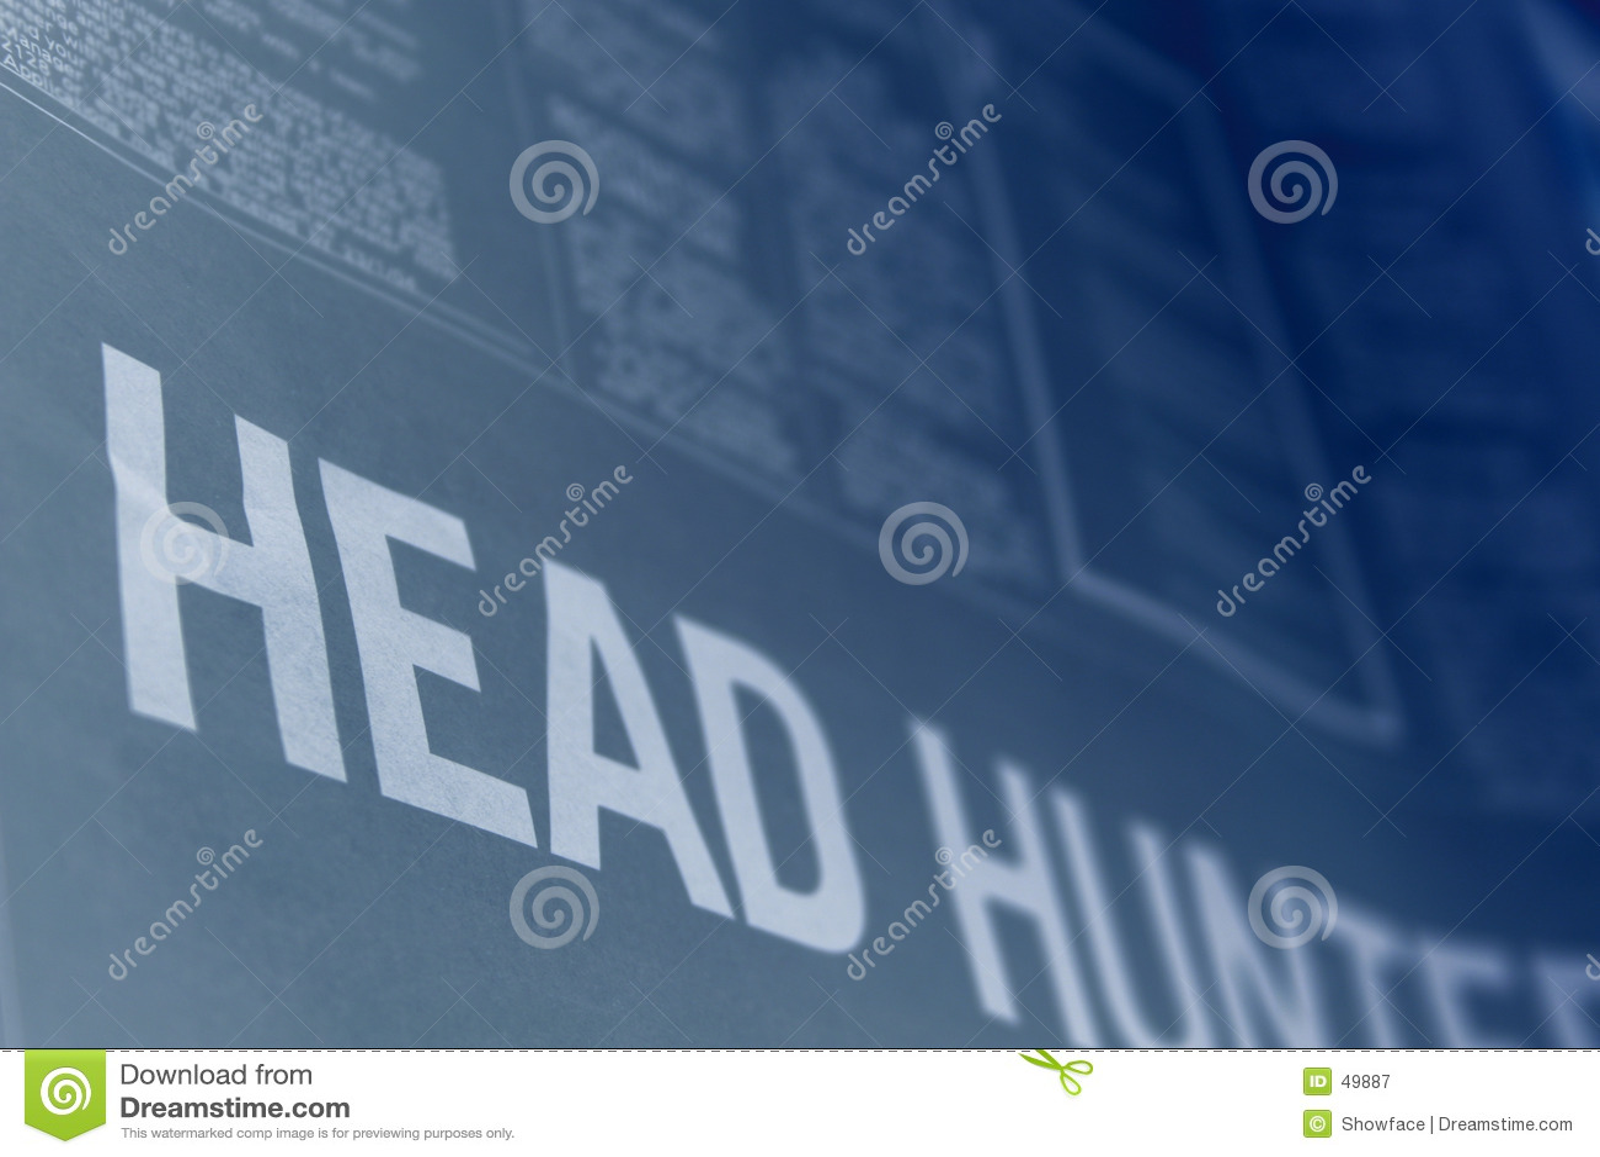 łowcą głów